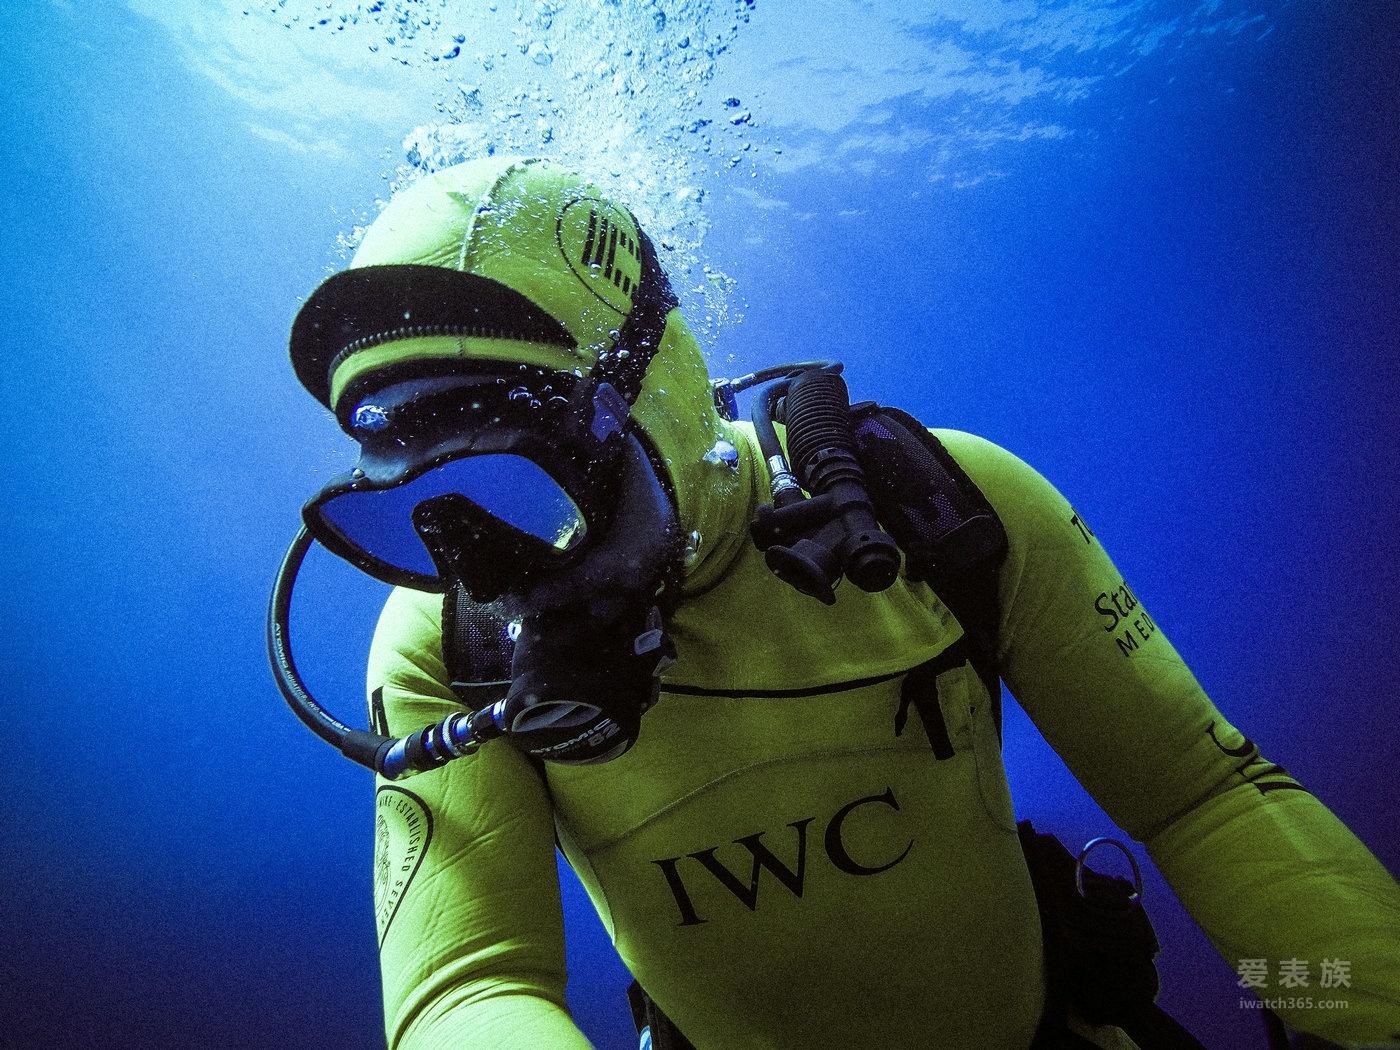 """IWC万国表海洋时计与""""海洋王者""""面对面"""